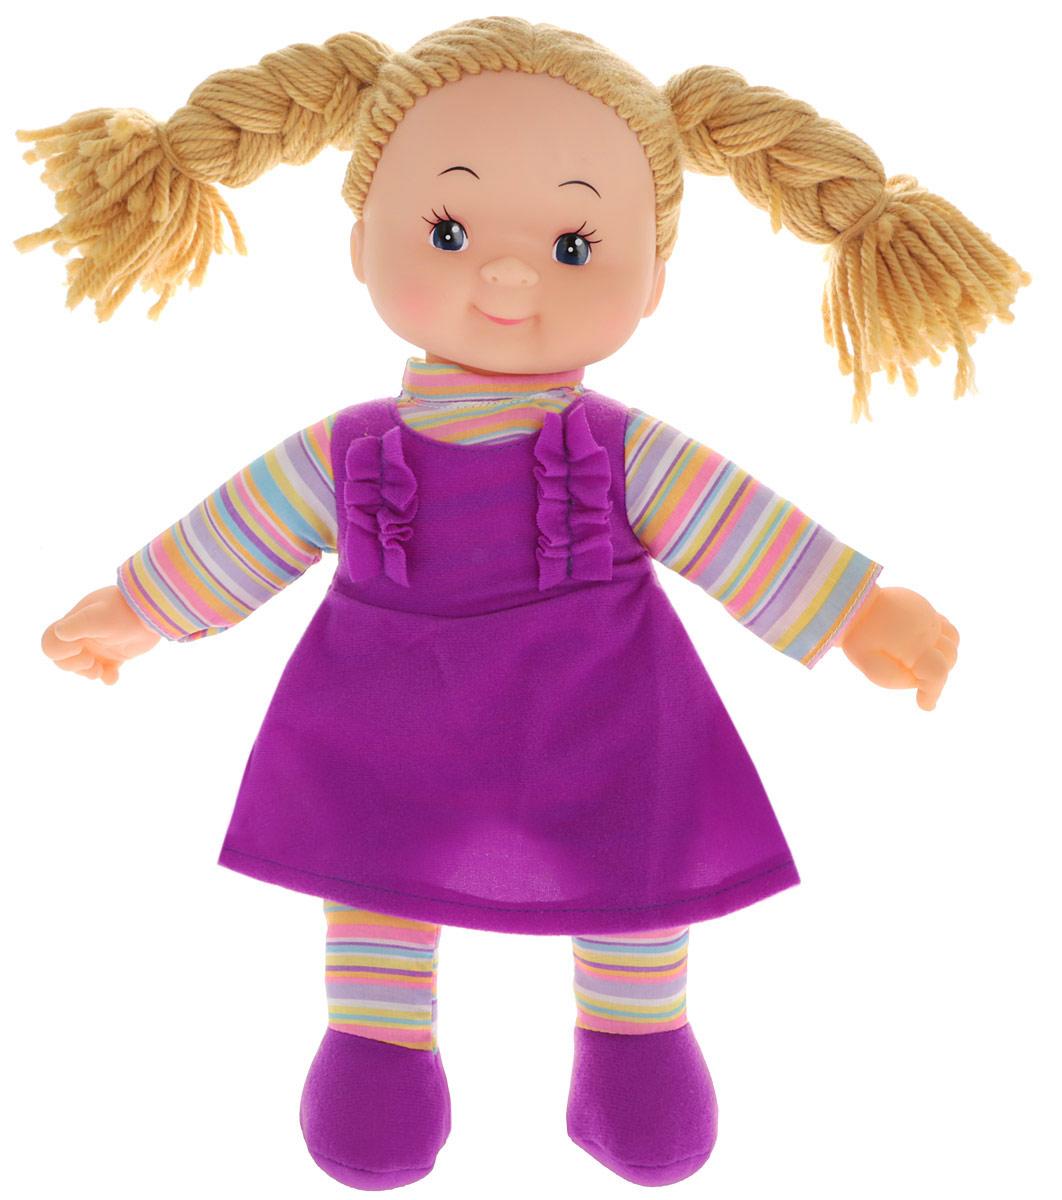 Simba Кукла мягкая Долли цвет платья фиолетовый5112238_волосы бежевые, платье фиолетовоеМягкая кукла Simba непременно понравится малышке, она быстро привлечет внимание своей яркой расцветкой, добрым взглядом и красивым ярким нарядом. Малышка с удовольствием придумает много детских игр, которые от души порадуют девочку и подарят хорошее настроение на целый день. Кукла одета в пышное платье фиолетового цвета. Очаровательные бежевые волосы, сплетенные из нитей, дополняют прекрасный образ куклы. Мягкая кукла Simba развивают тактильную чувствительность, стимулируют зрительное восприятие, хватательные рефлексы и моторику рук.